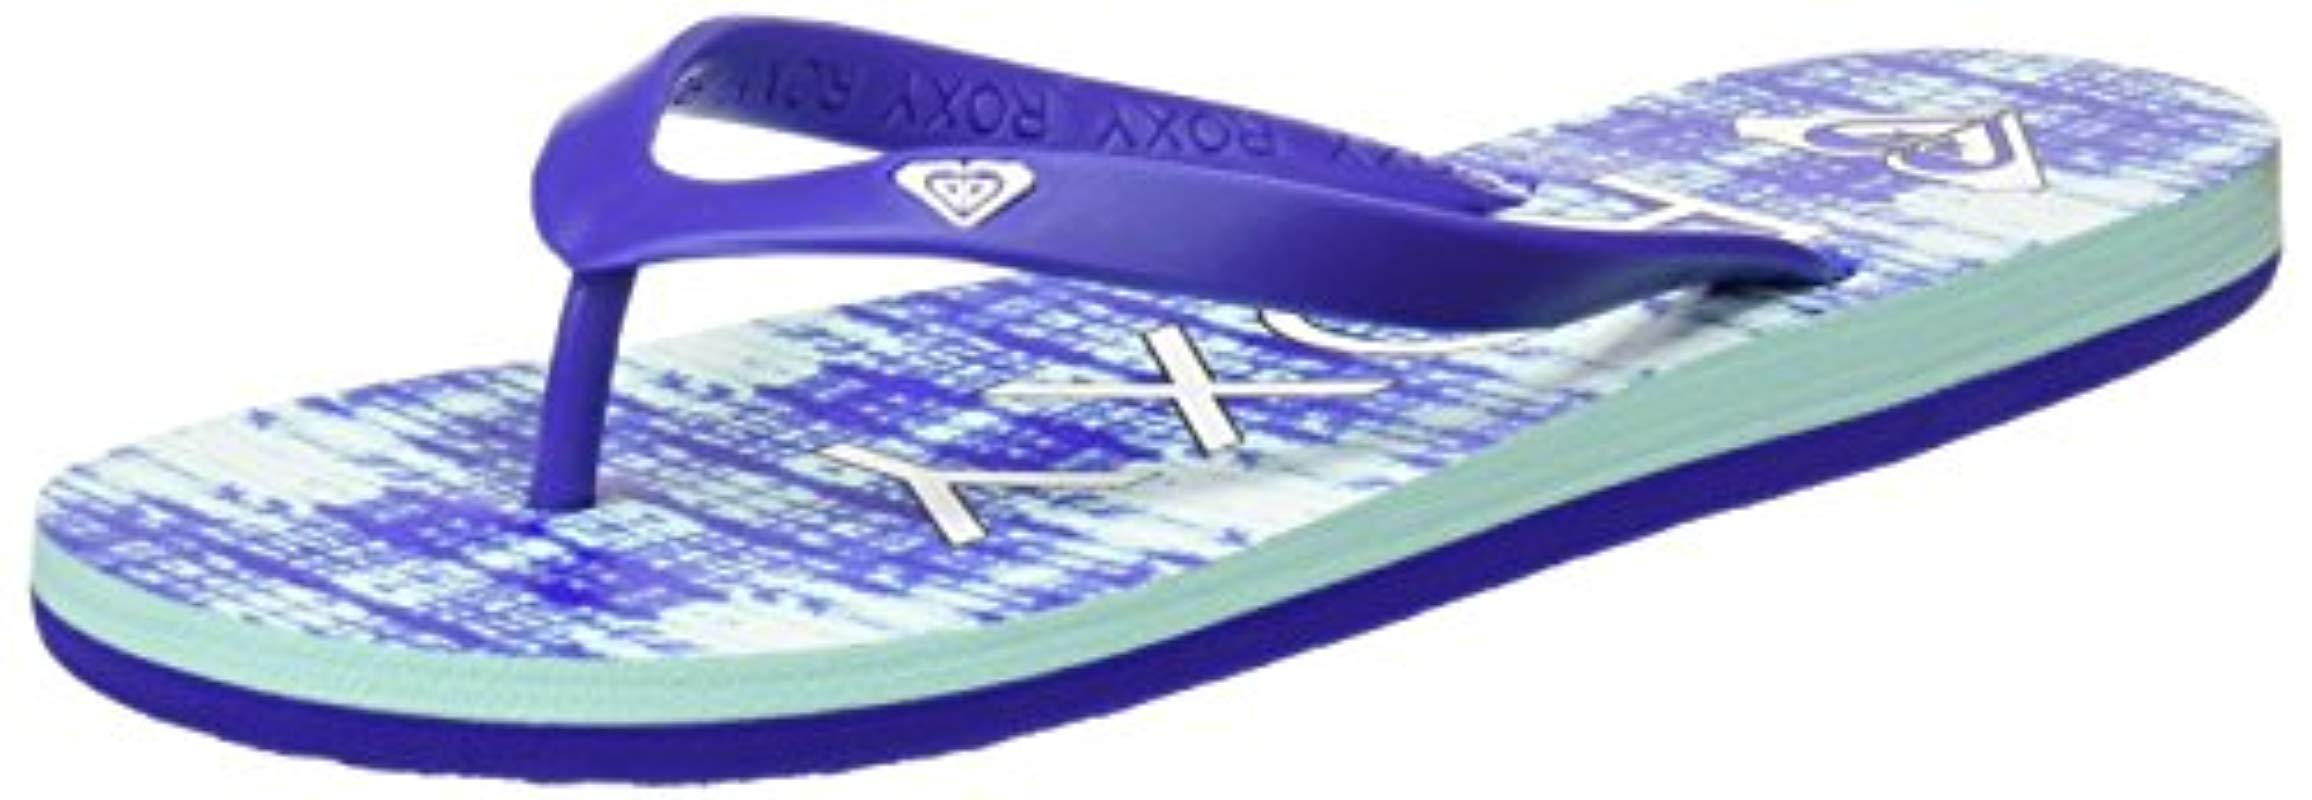 1f1ac63d7 Roxy Tahiti V Flip Flops in Blue - Lyst